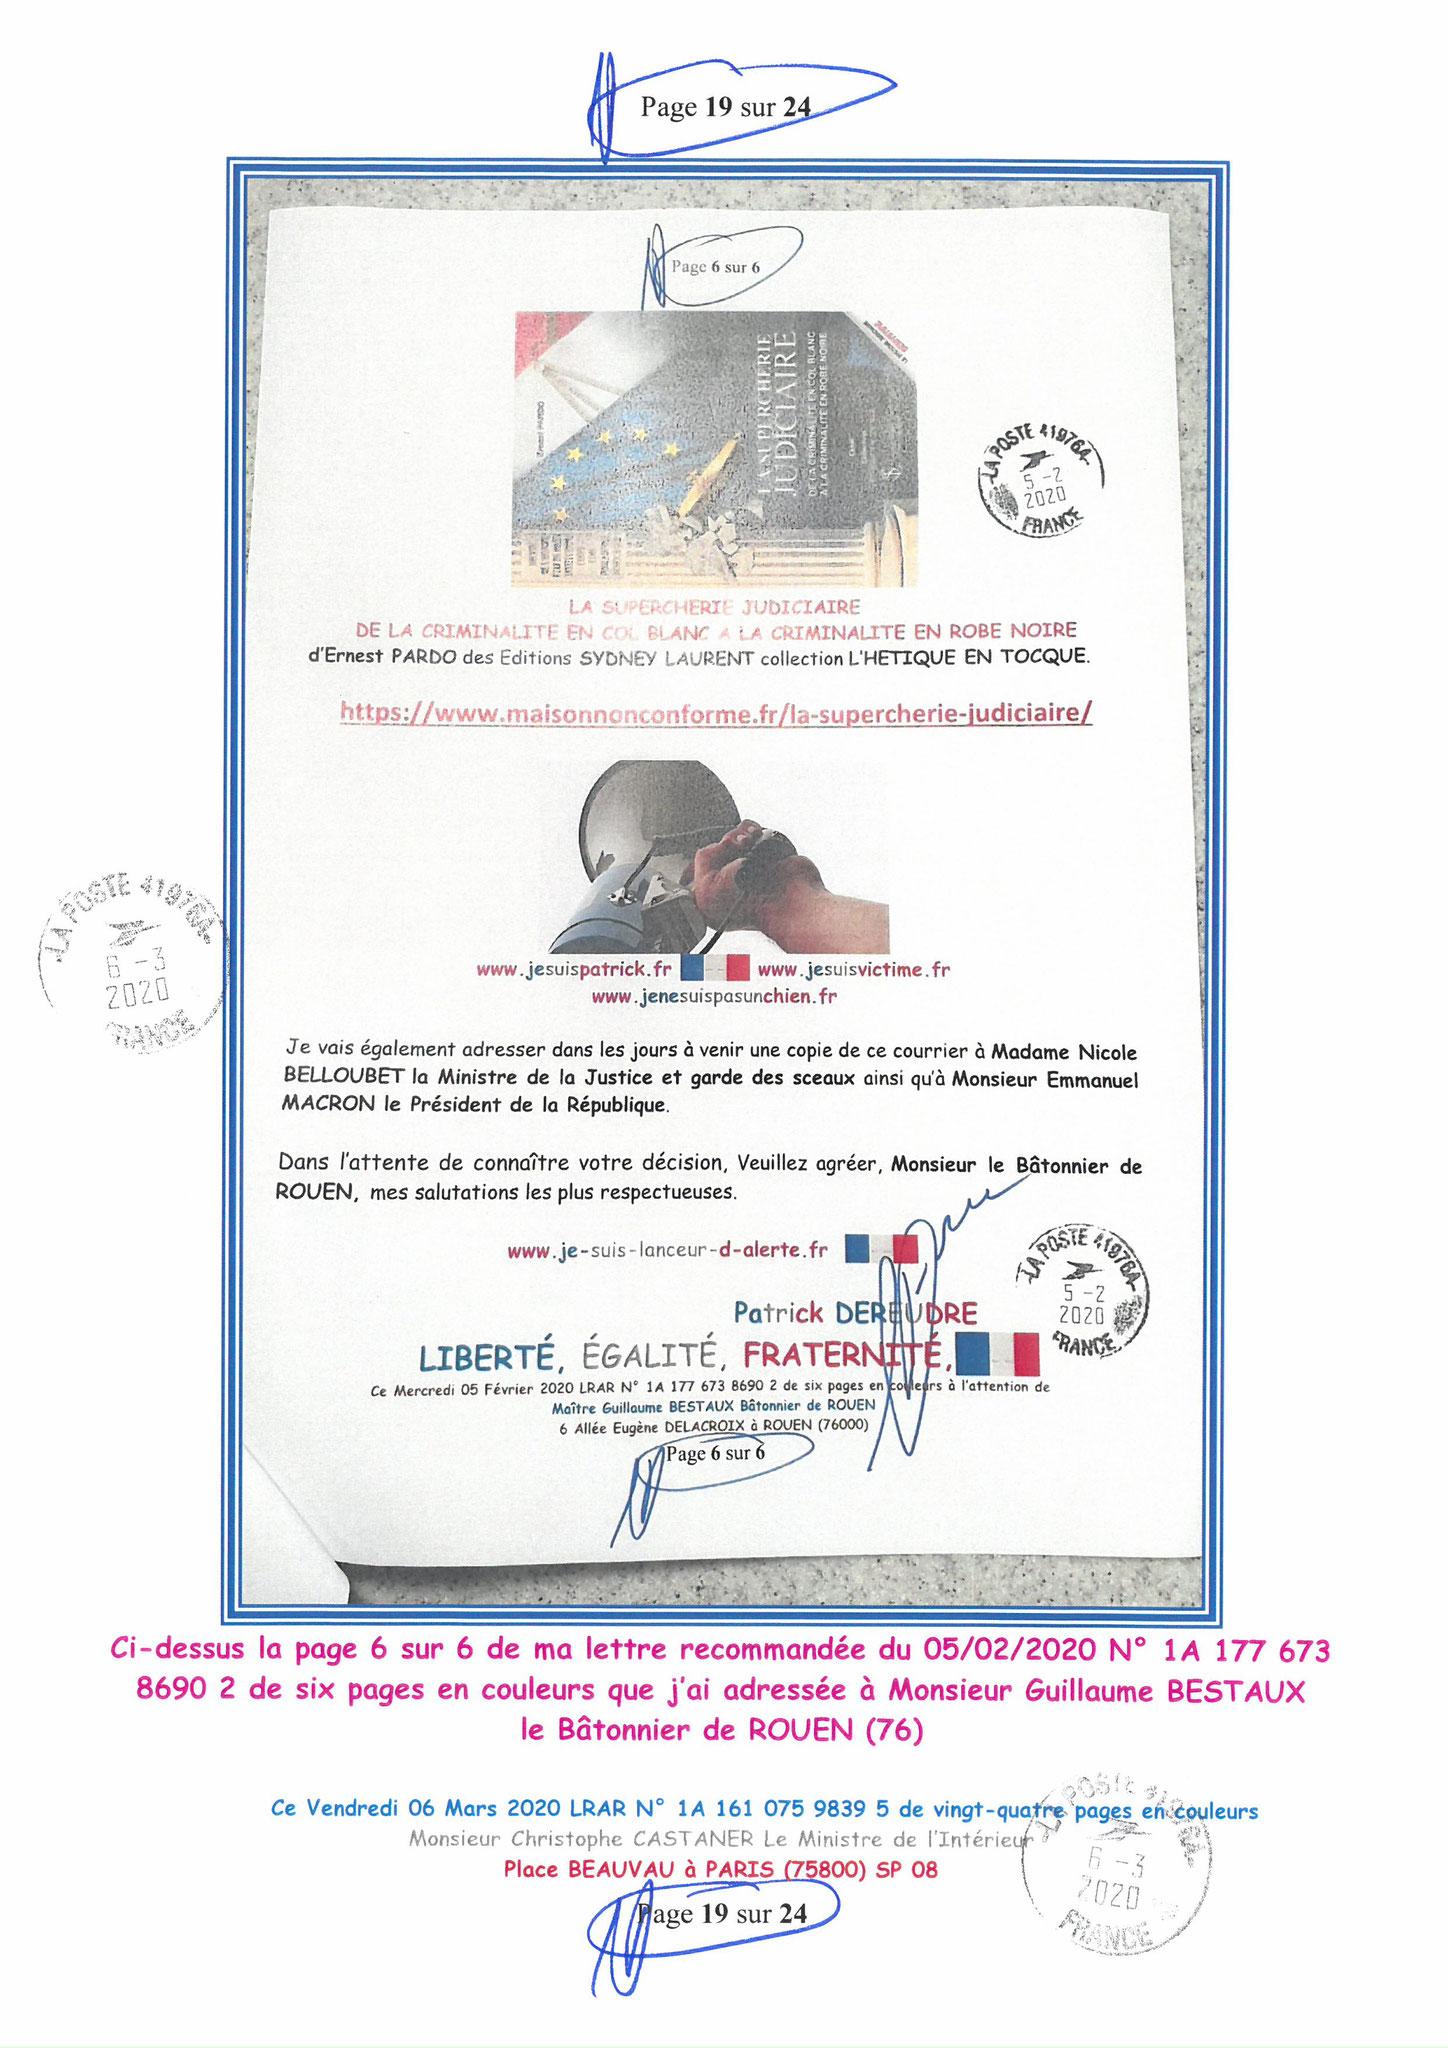 Ma LRAR à Monsieur le Ministre de l'Intérieur Christophe CASTANER N°1A 161 075 9839 5  Page 19 sur 24 en couleur du 06 Mars 2020  www.jesuispatrick.fr